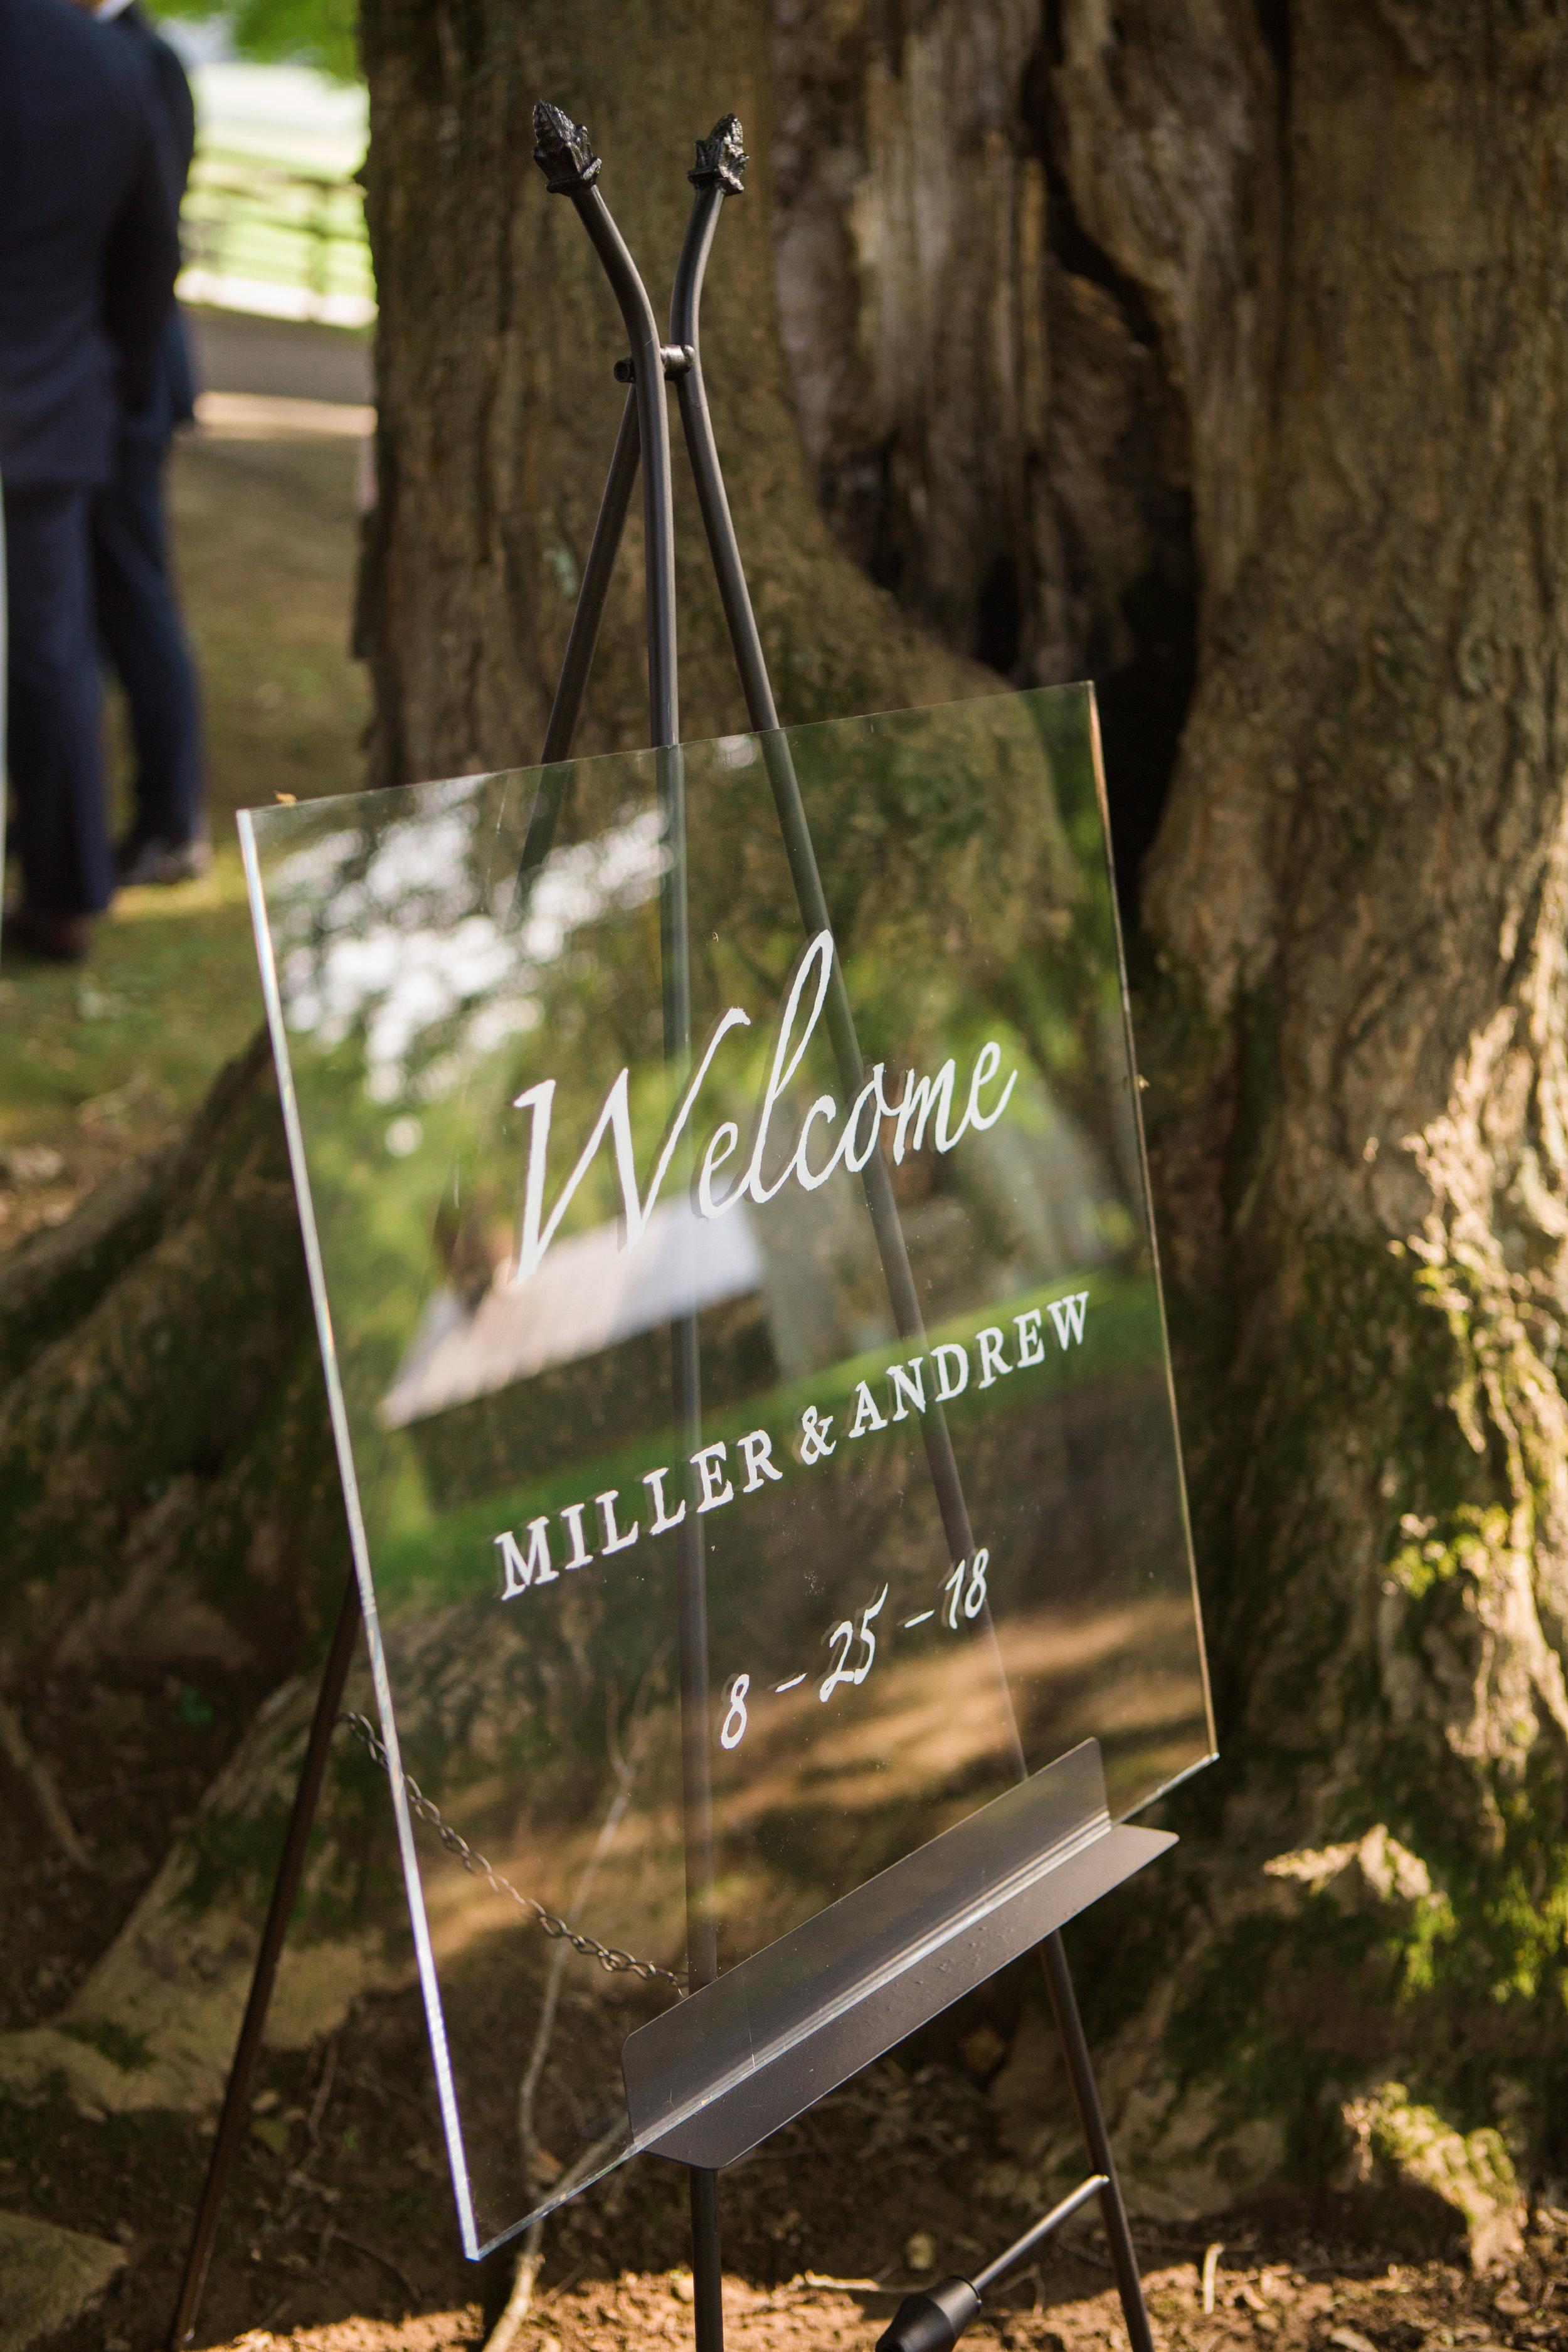 MillerAndrew0330.jpg